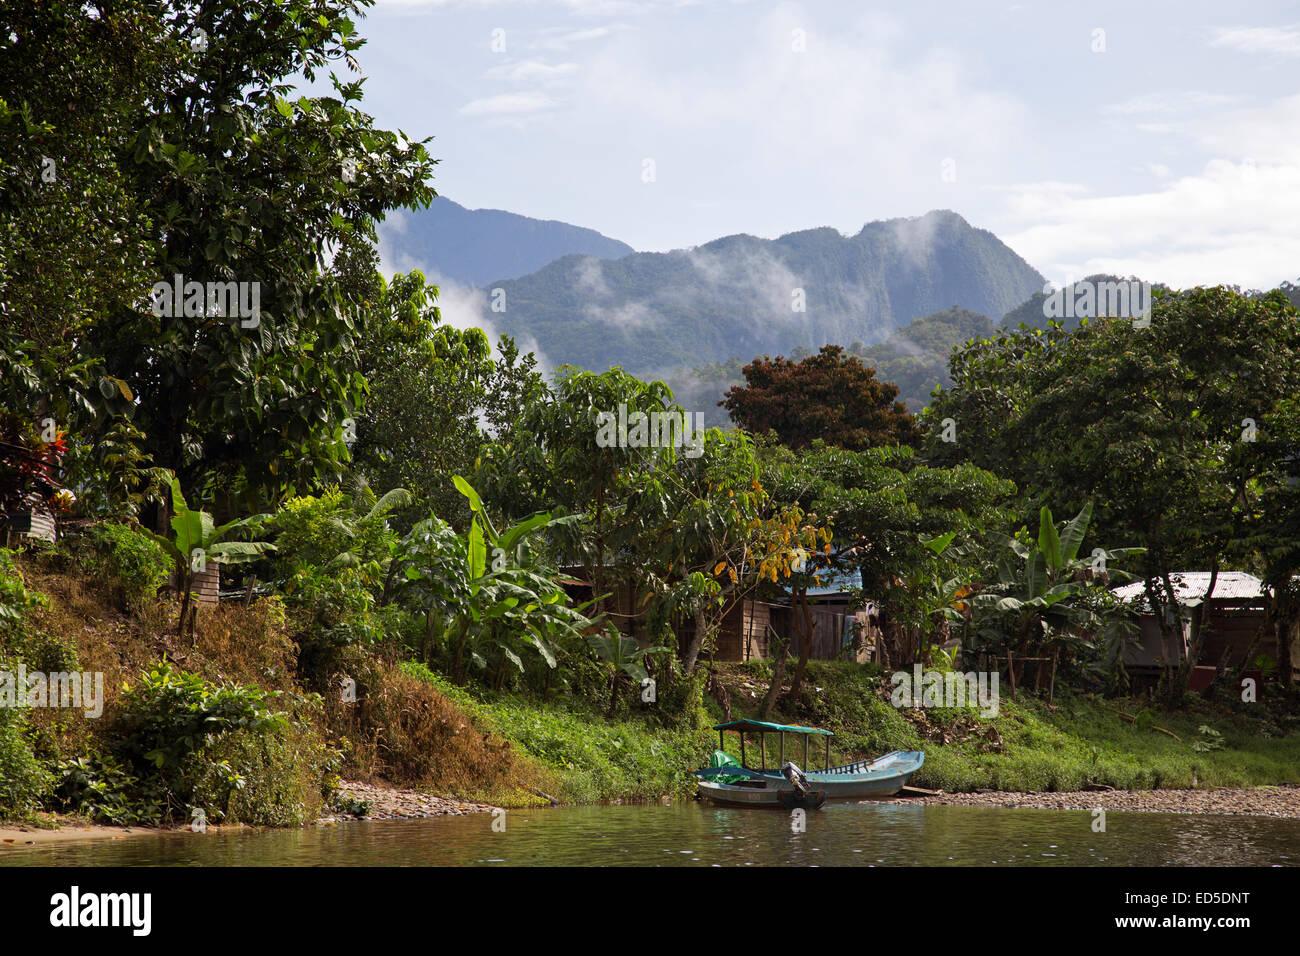 Rivière Batu Bungan Paku et village proche de parc national du Gunung Mulu, Sarawak, Malaisie Banque D'Images